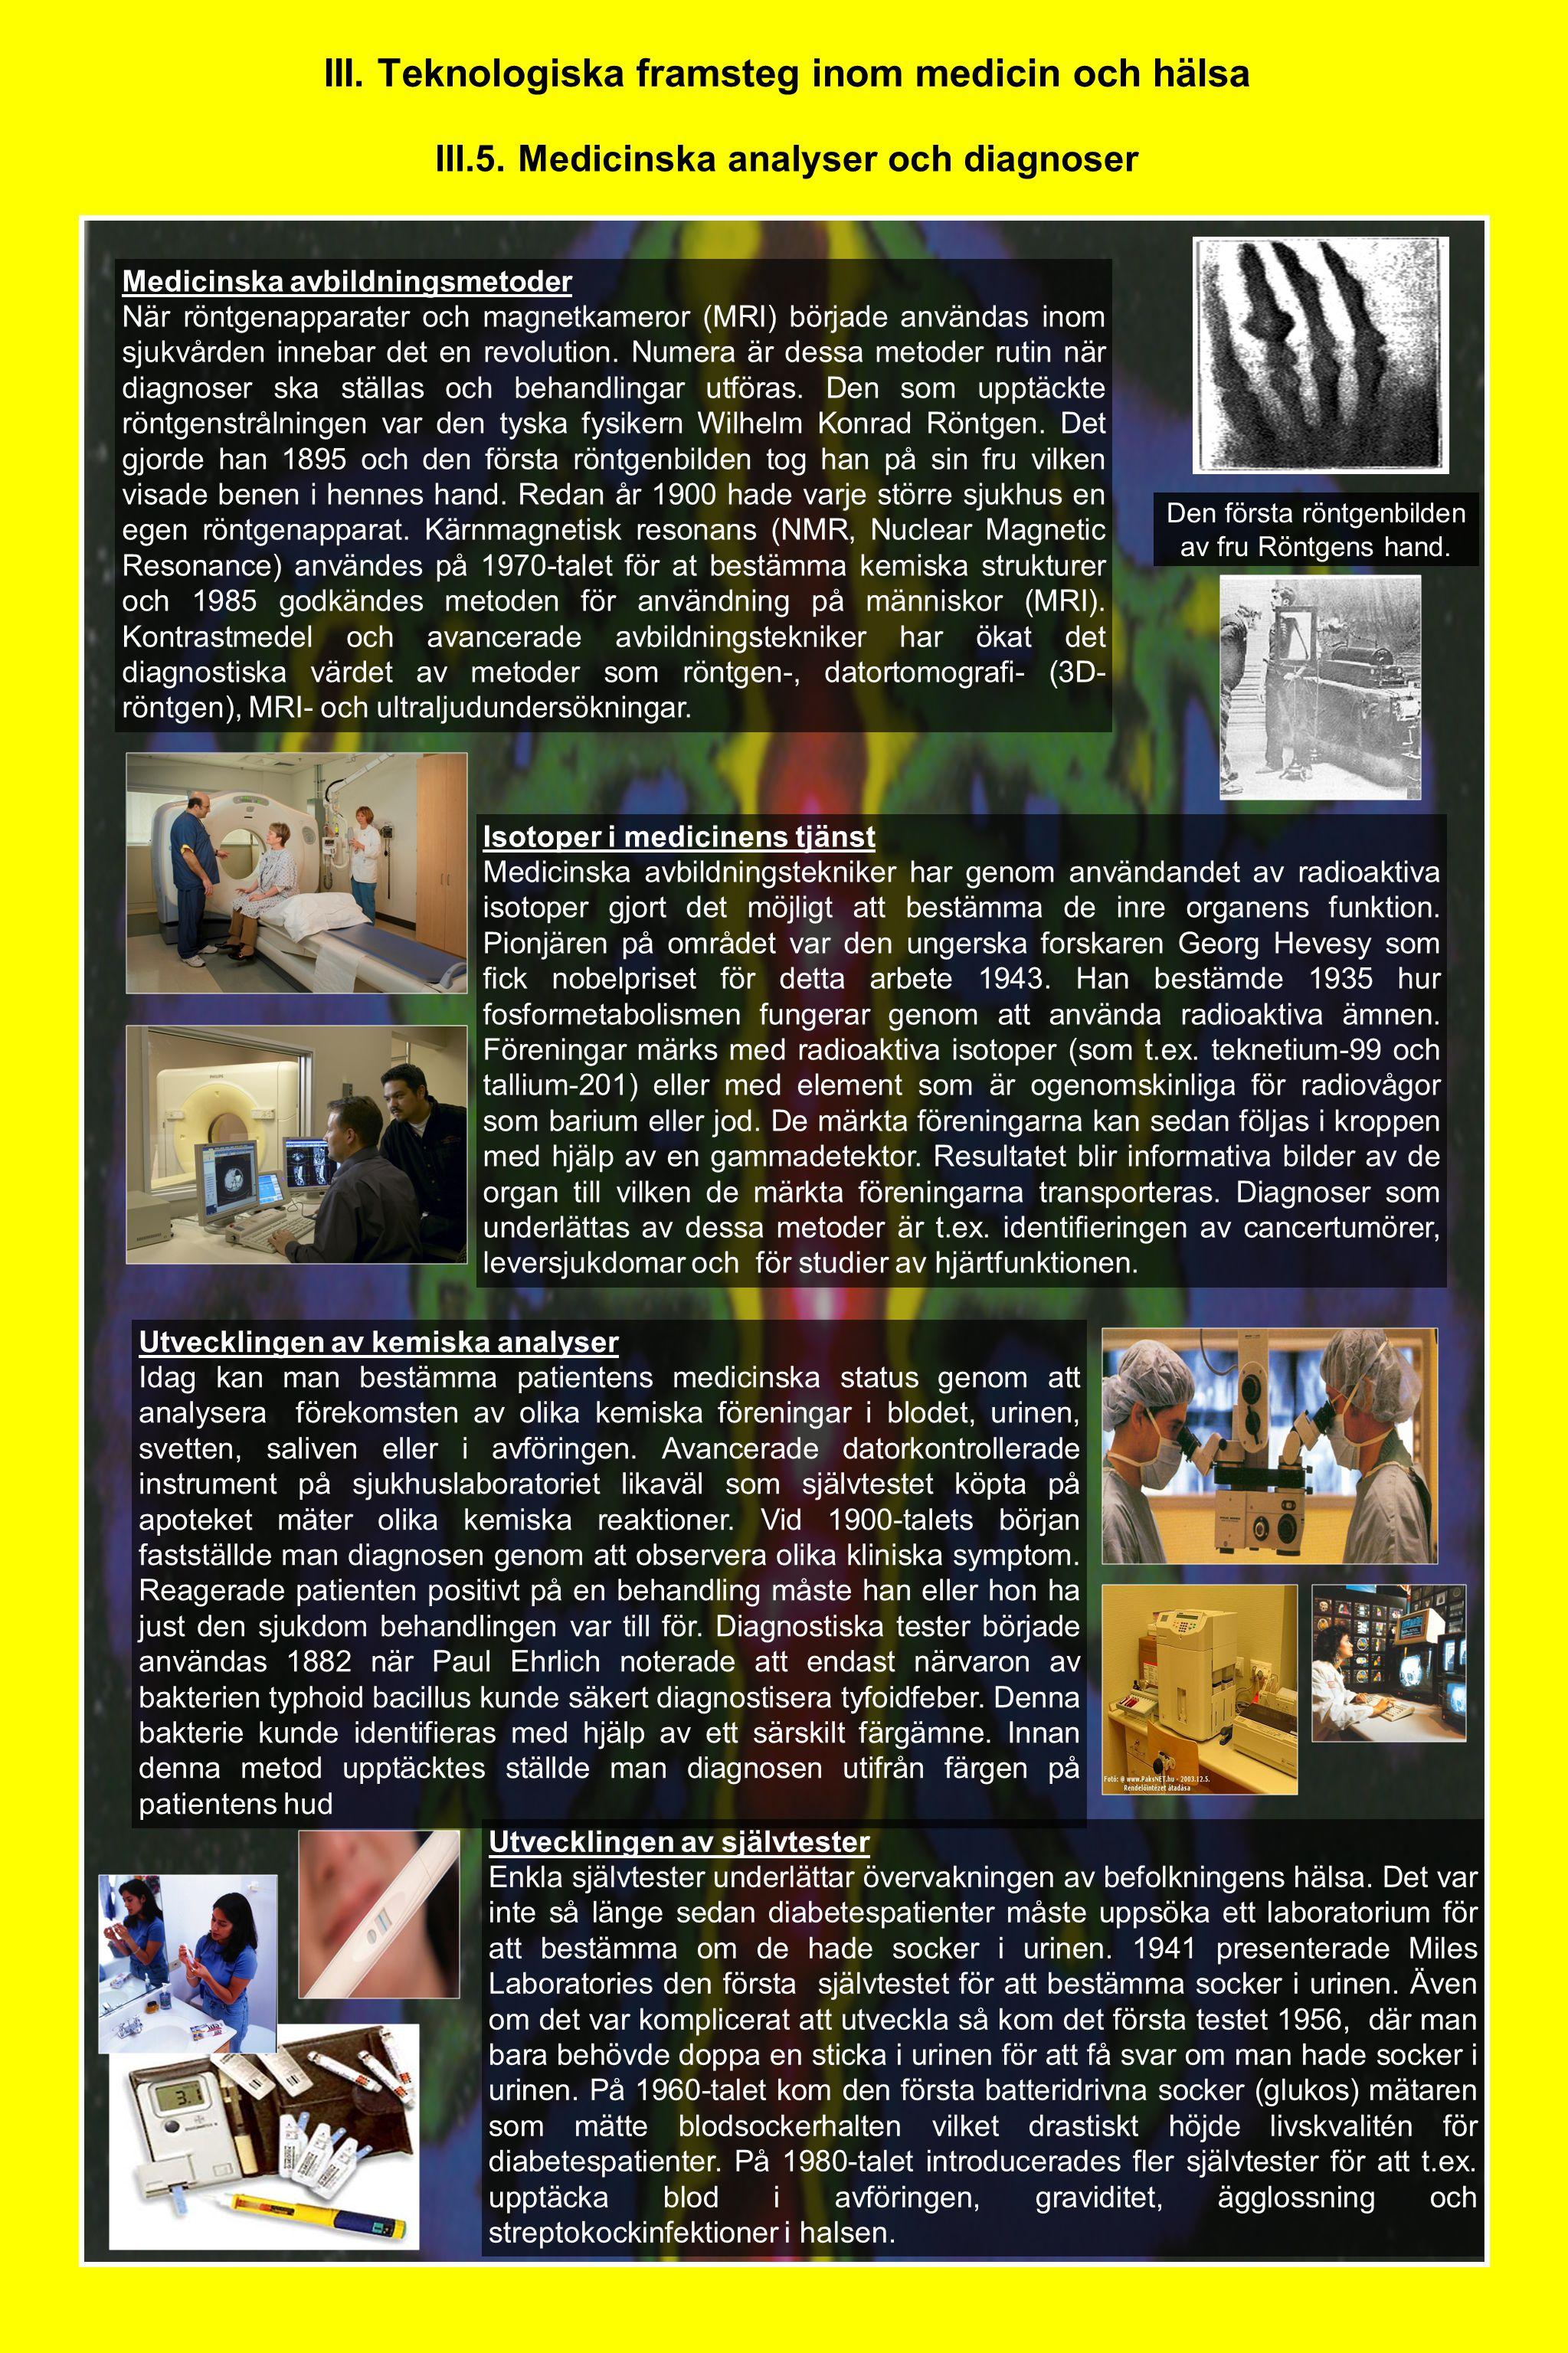 III. Teknologiska framsteg inom medicin och hälsa III.5. Medicinska analyser och diagnoser Medicinska avbildningsmetoder När röntgenapparater och magn